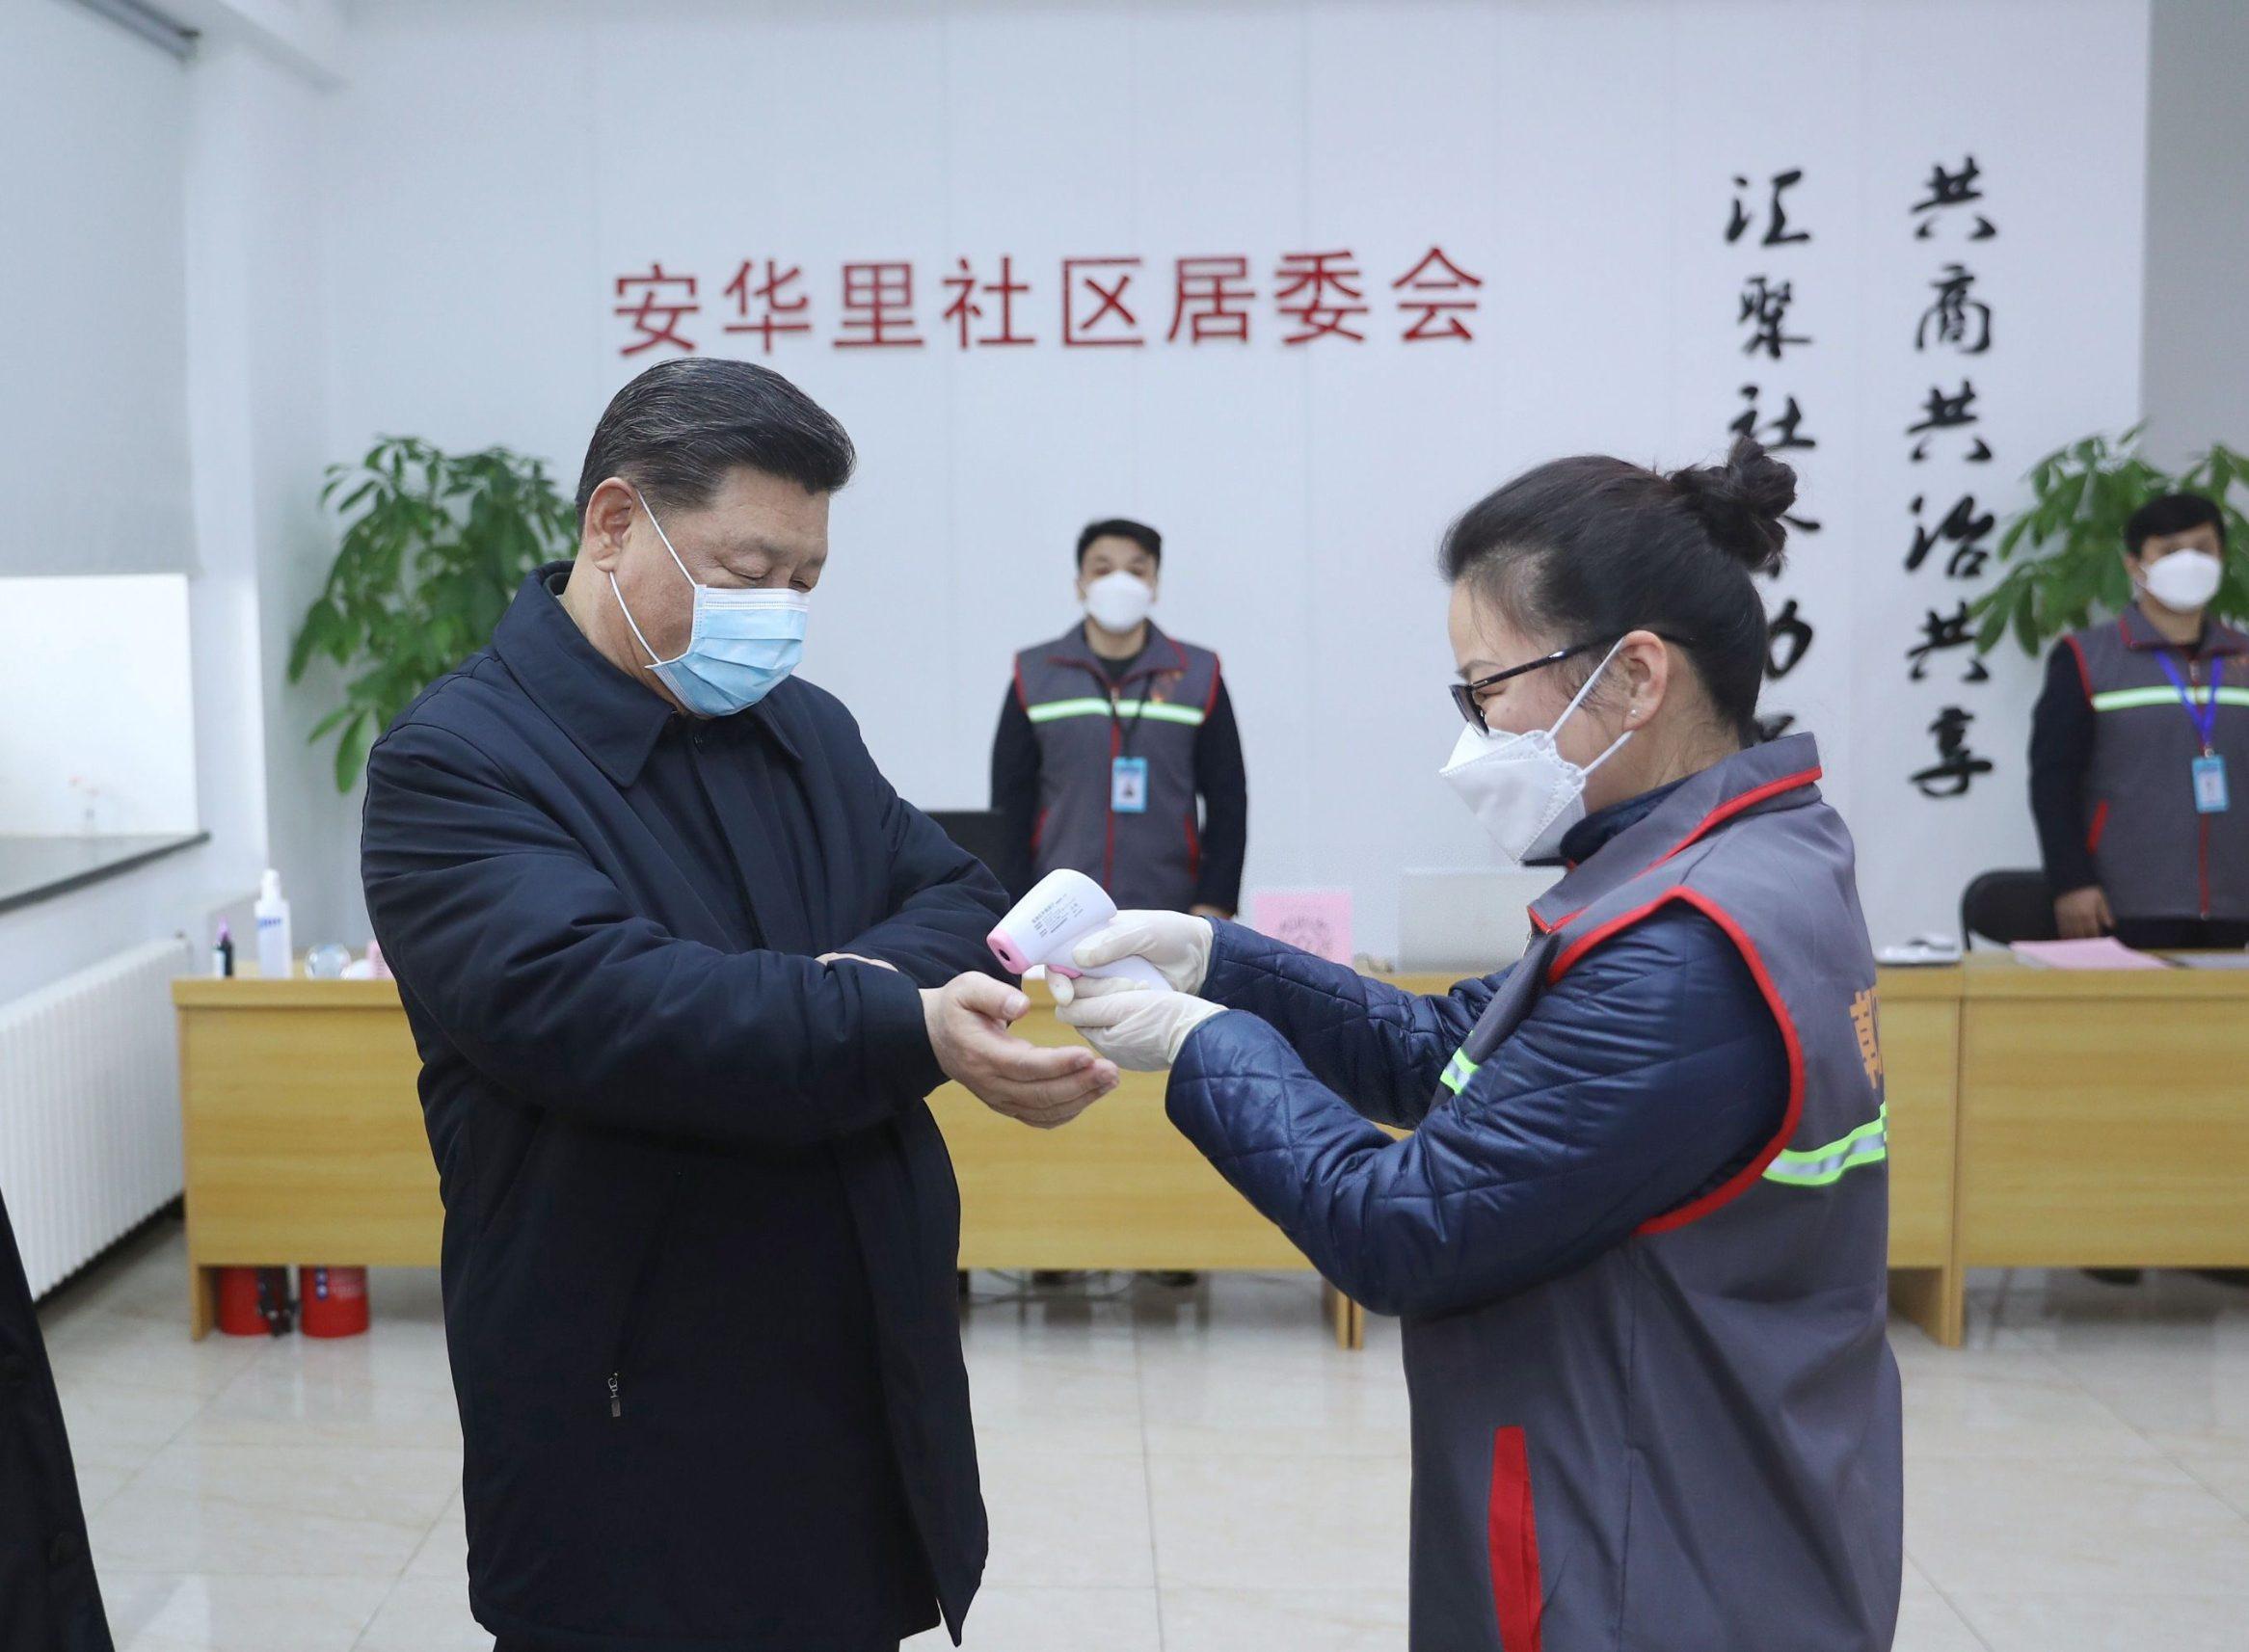 Predsjednik Kine Xi Jinping tijekom testiranja na koronavirus